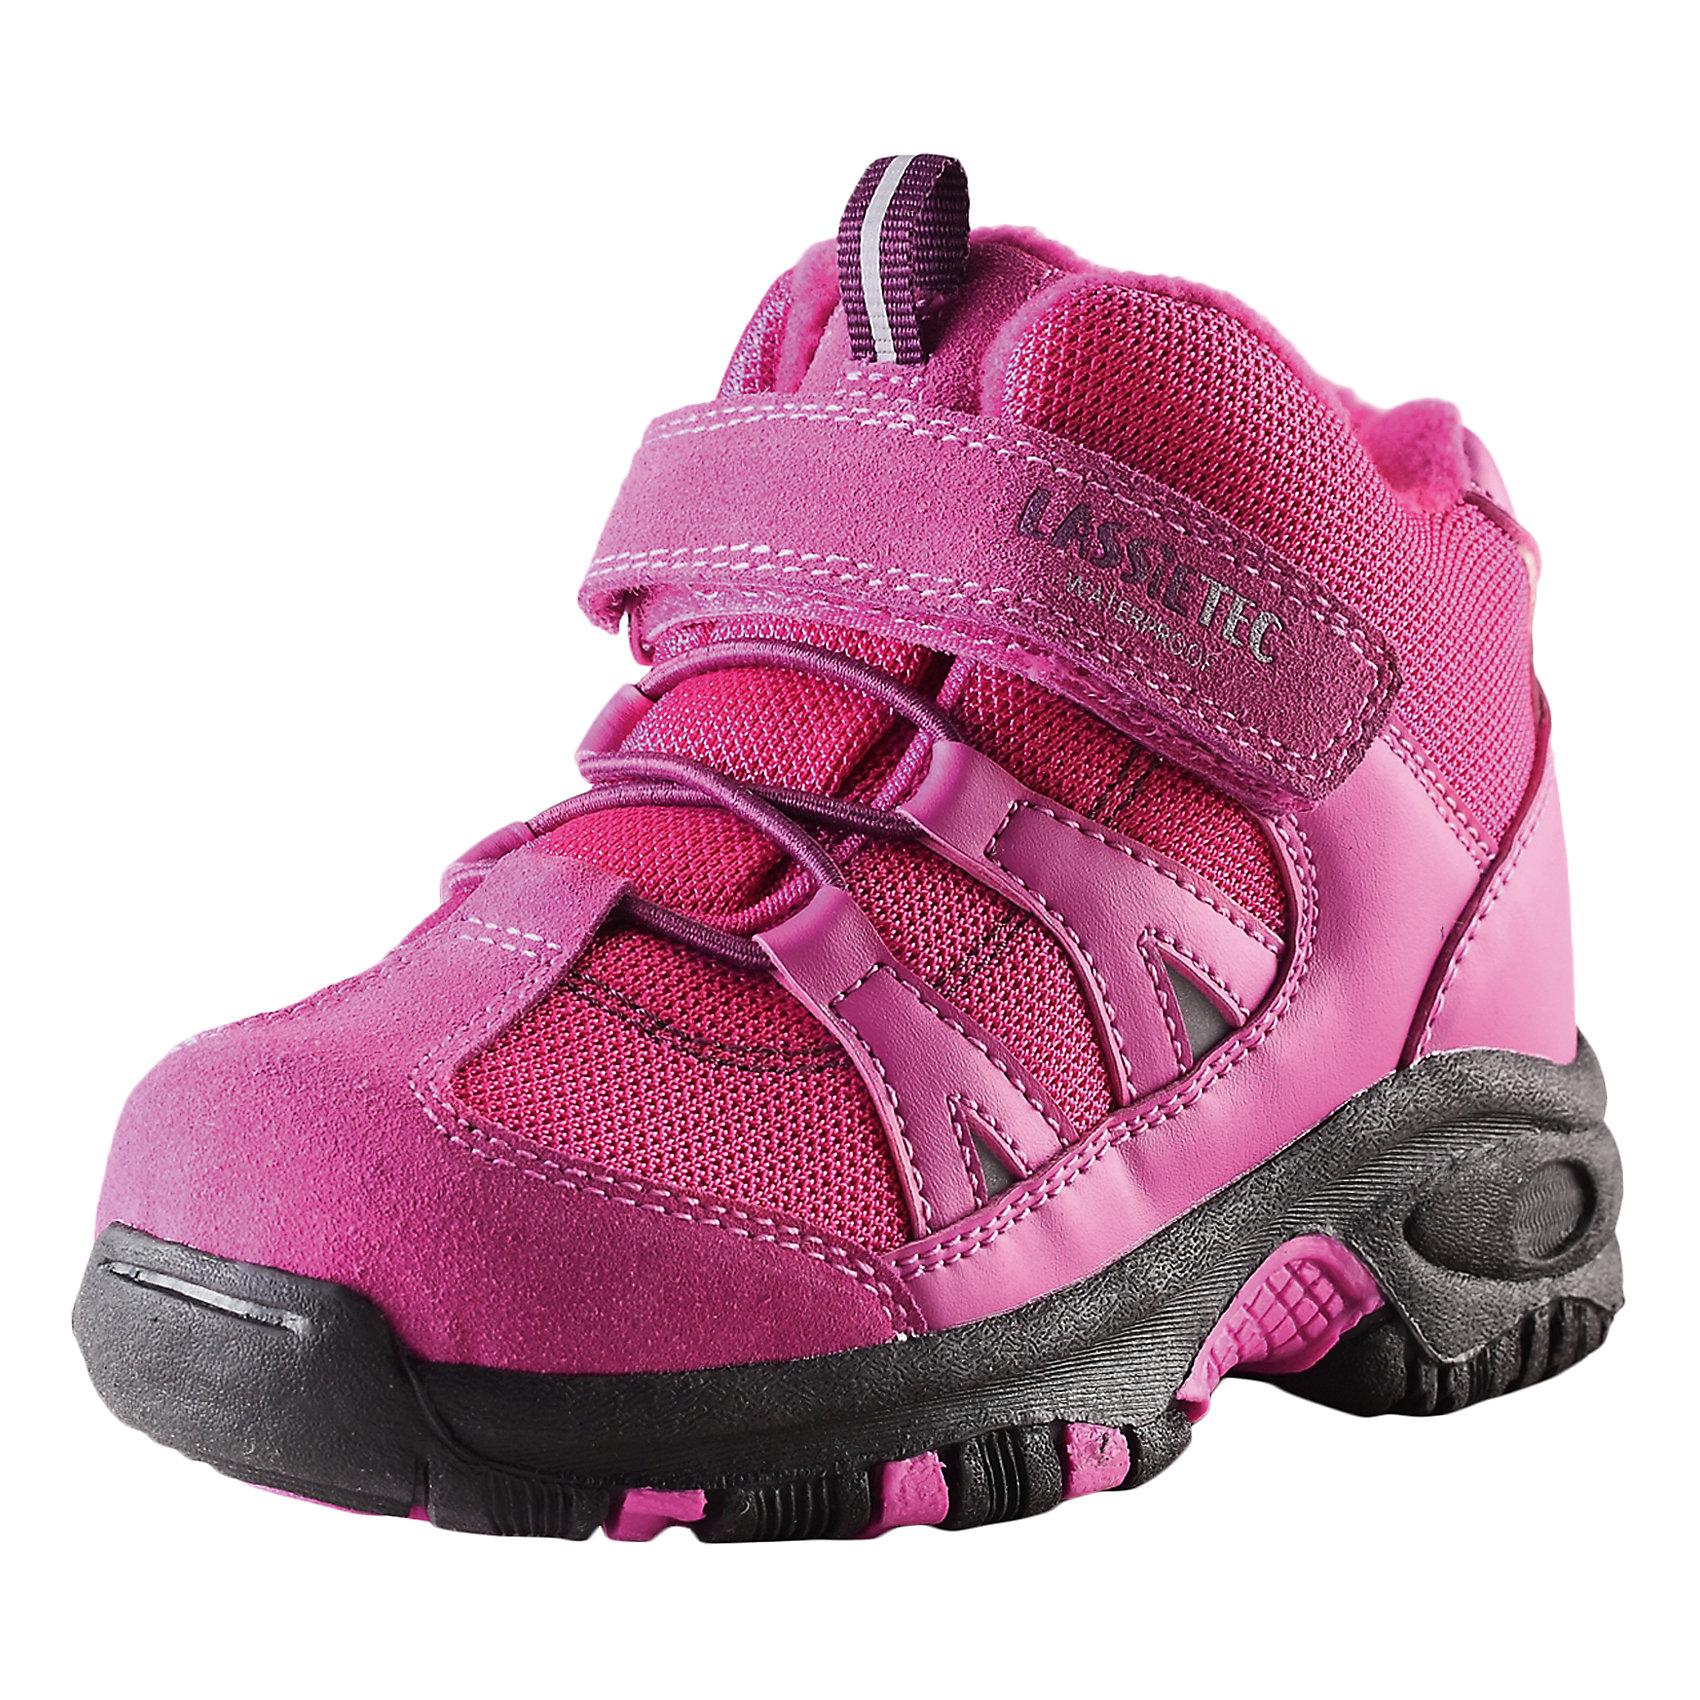 Ботинки для девочки LASSIE by ReimaБотинки для детей Lassietec®. <br><br>- Водонепроницаемая зимняя обувь. <br>- Верх из натуральной замши (из телячьей кожи), синтетического материала и текстиля. <br>- Подошва из термопластичного каучука обеспечивает хорошее сцепление с поверхностью. <br>- Текстильная подкладка. <br>- Съемные стельки. <br>- Простая застежка на липучке с эластичными шнурками для регулировки размера. <br>- Светоотражающие детали.<br><br>Храните обувь в вертикальном положении при комнатной температуре. Сушить обувь всегда следует при комнатной температуре: вынув съемные стельки. Стельки следует время от времени заменять на новые. Налипшую грязь можно счищать щеткой или влажной тряпкой. Перед использованием обувь рекомендуется обрабатывать специальными защитными средствами.<br><br>Состав: Подошва: Термопластиковая резина, Верх: 70% ПЭ 20% ПУ 10% Кожа.<br><br>Ширина мм: 262<br>Глубина мм: 176<br>Высота мм: 97<br>Вес г: 427<br>Цвет: розовый<br>Возраст от месяцев: 15<br>Возраст до месяцев: 18<br>Пол: Женский<br>Возраст: Детский<br>Размер: 22,35,34,33,32,31,30,29,28,27,26,25,24,23<br>SKU: 4780872